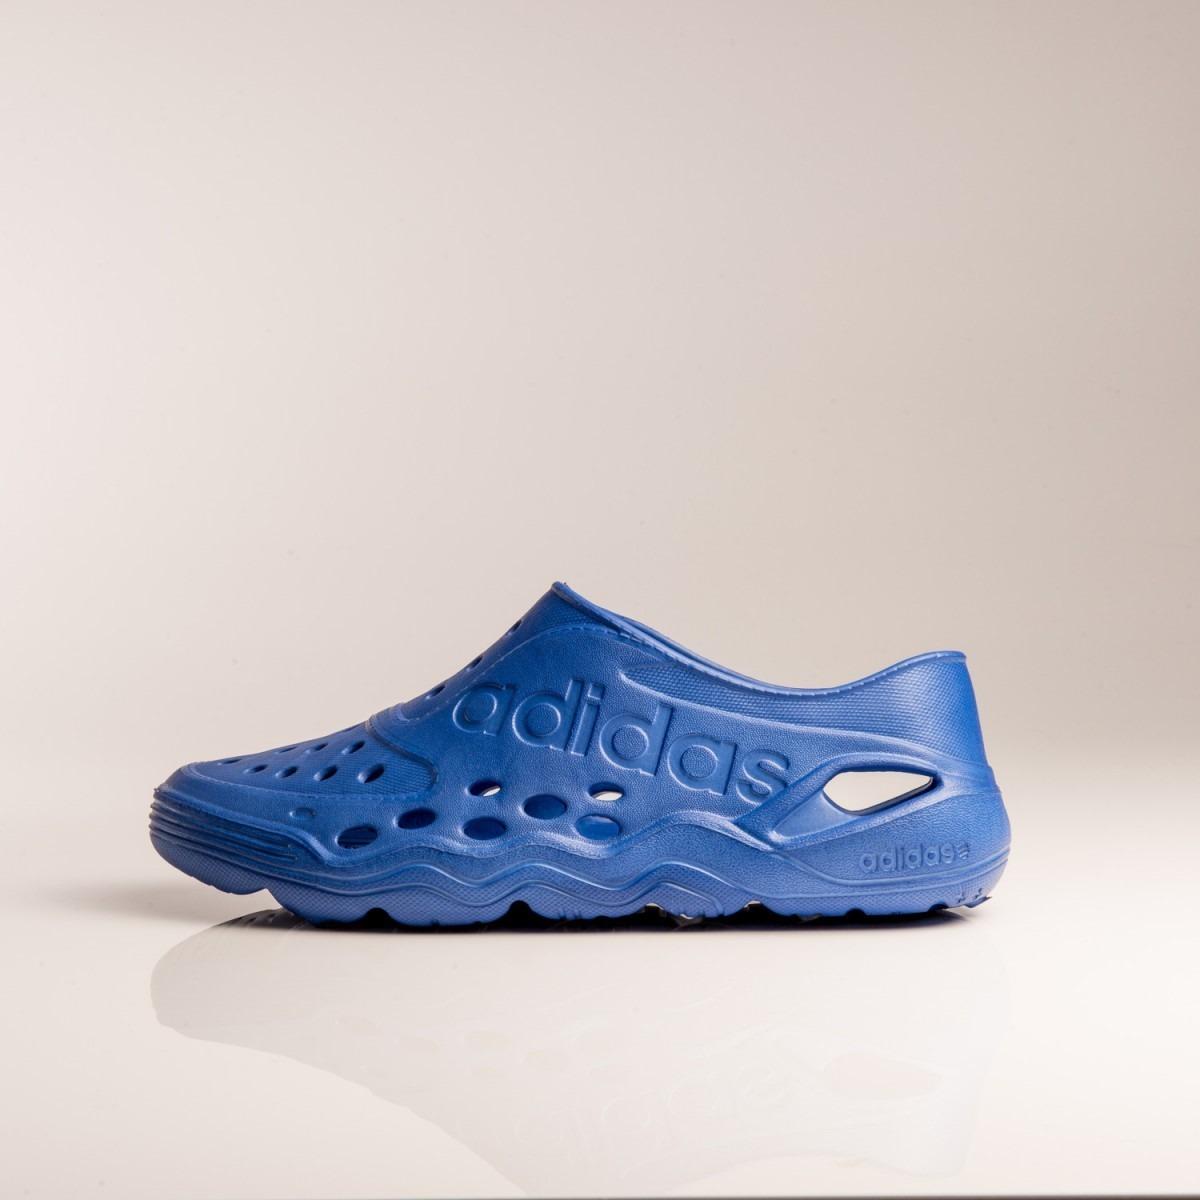 on sale 70a85 87779 Sandalias adidas Neo Lite Leisure Unisex Talle 41,5 Azul -   710,00 ...